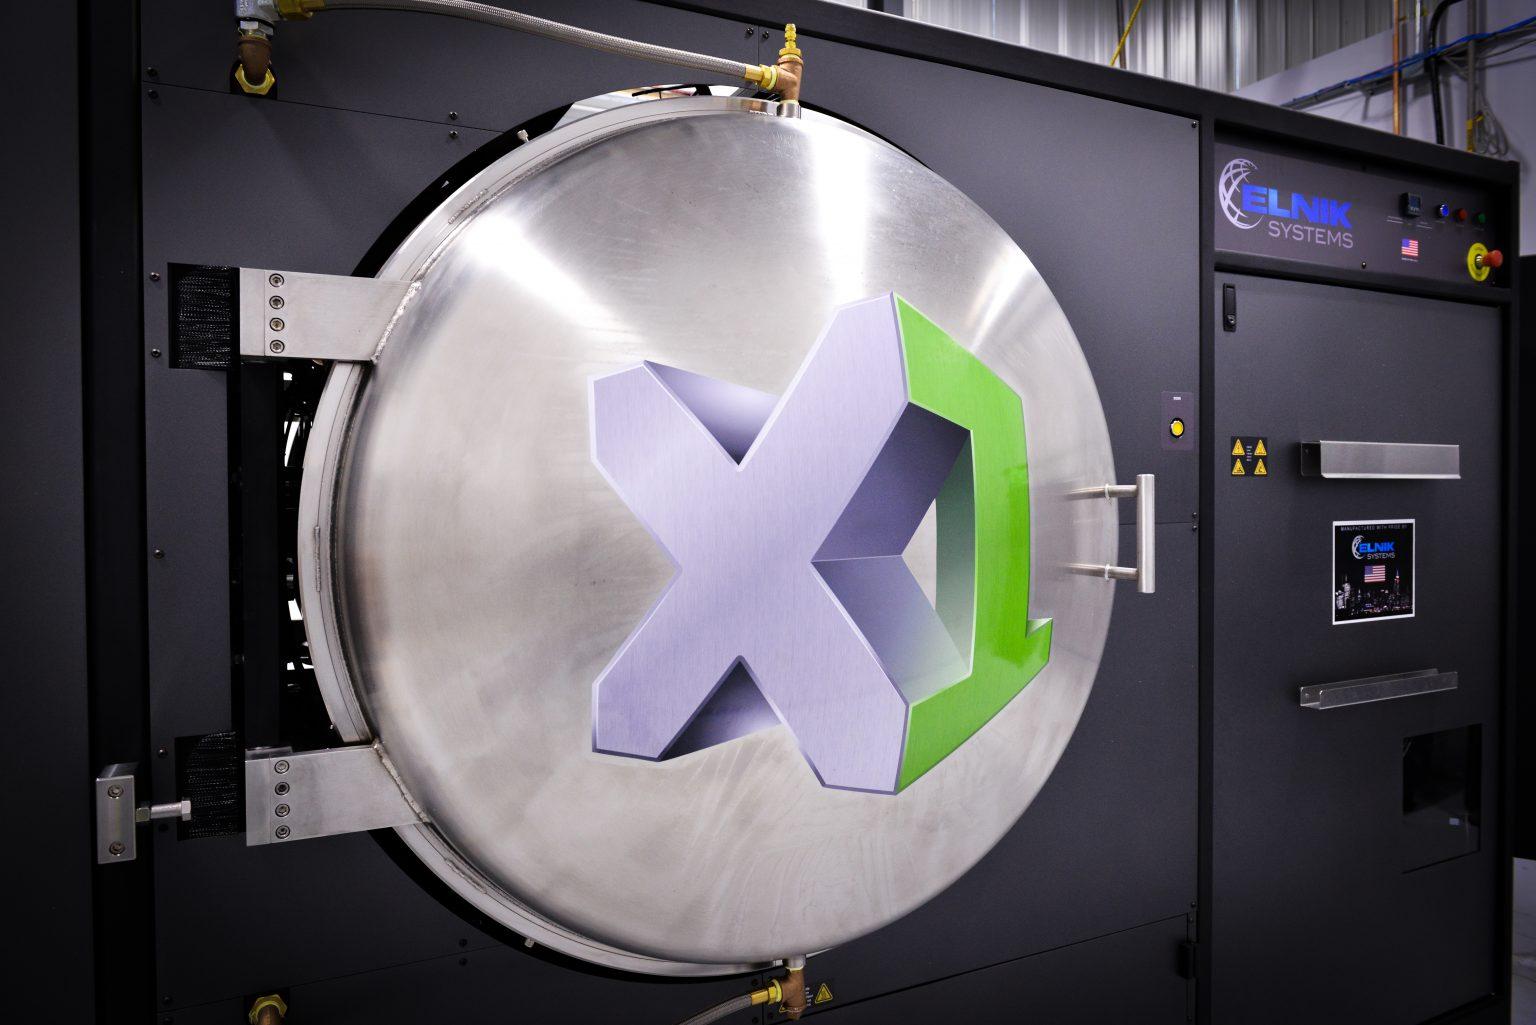 ExOneのメタル3Dプリンティング・アダプションセンターの累計パーツ製造点数が2万点を突破